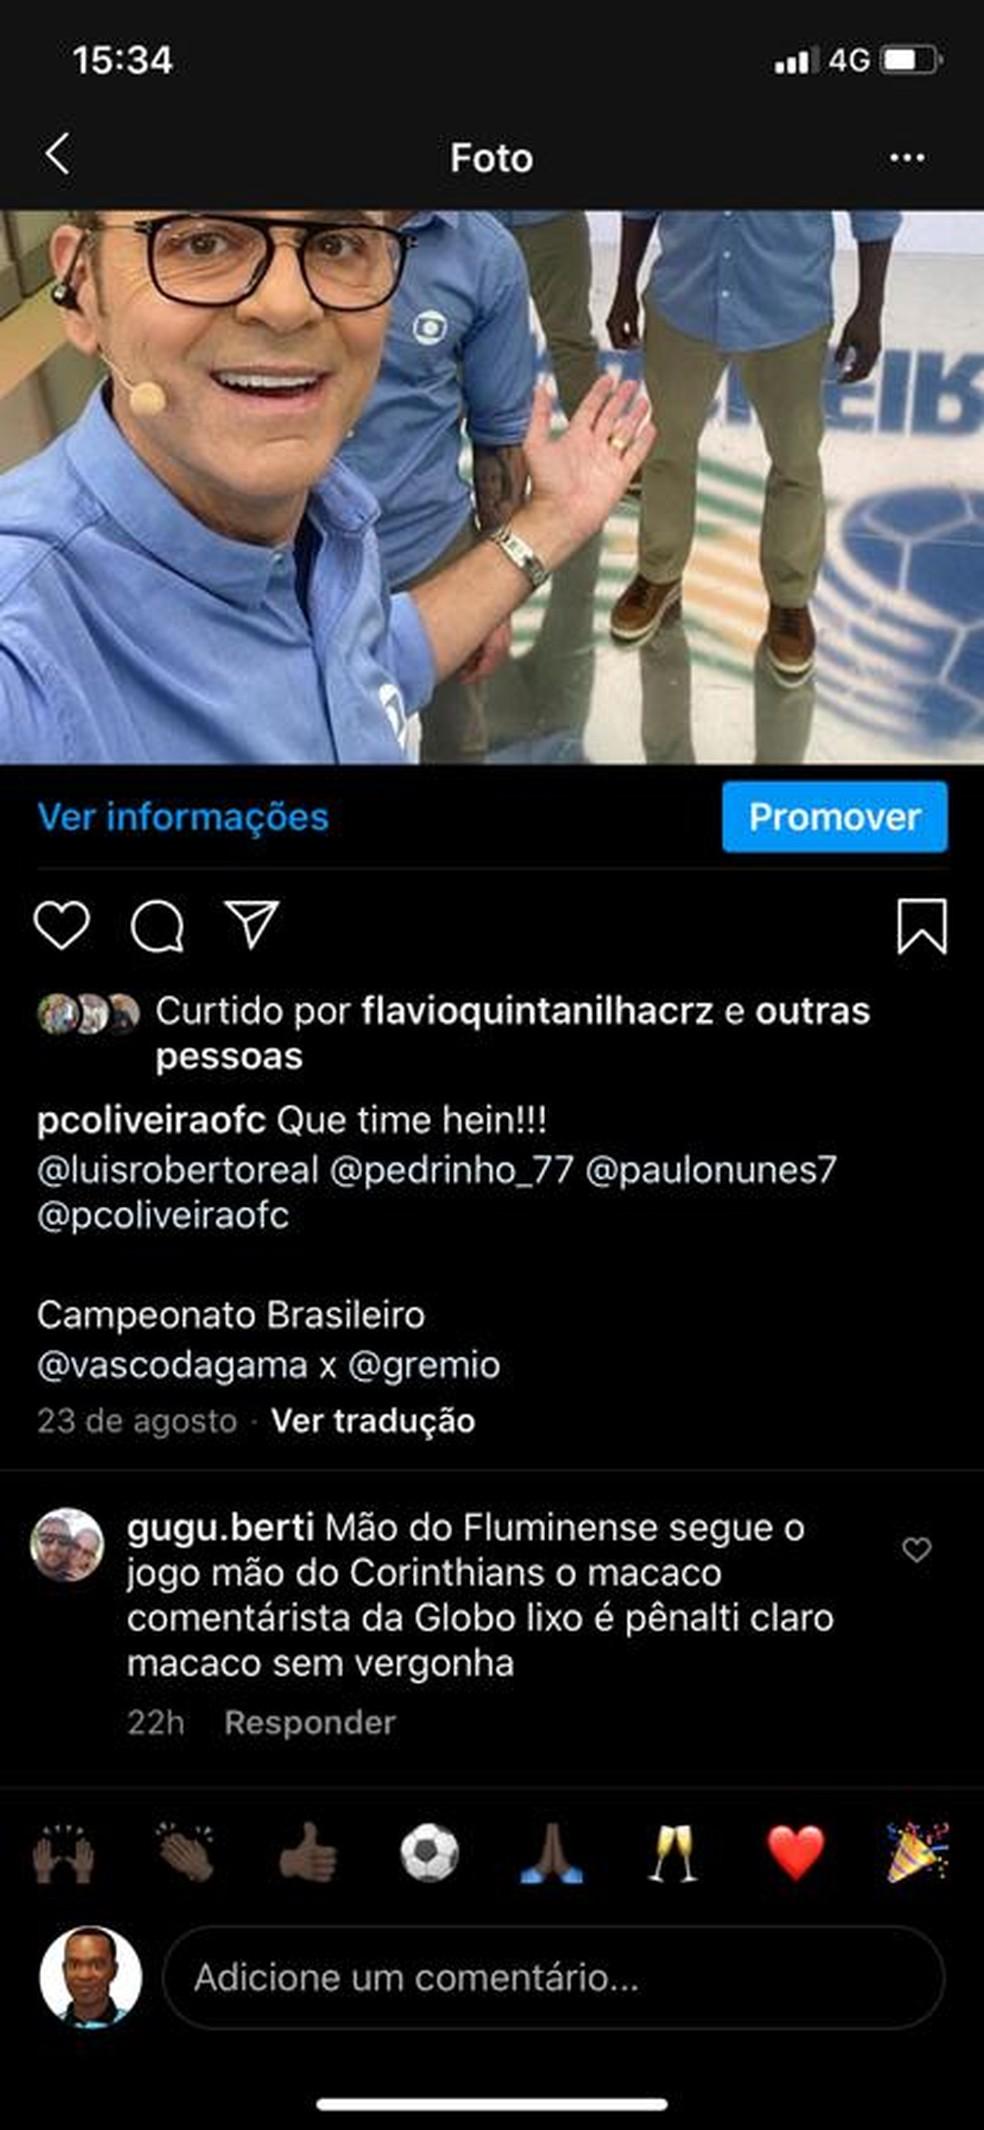 Print de comentário racista no perfil de Paulo César de Oliveira — Foto: Reprodução